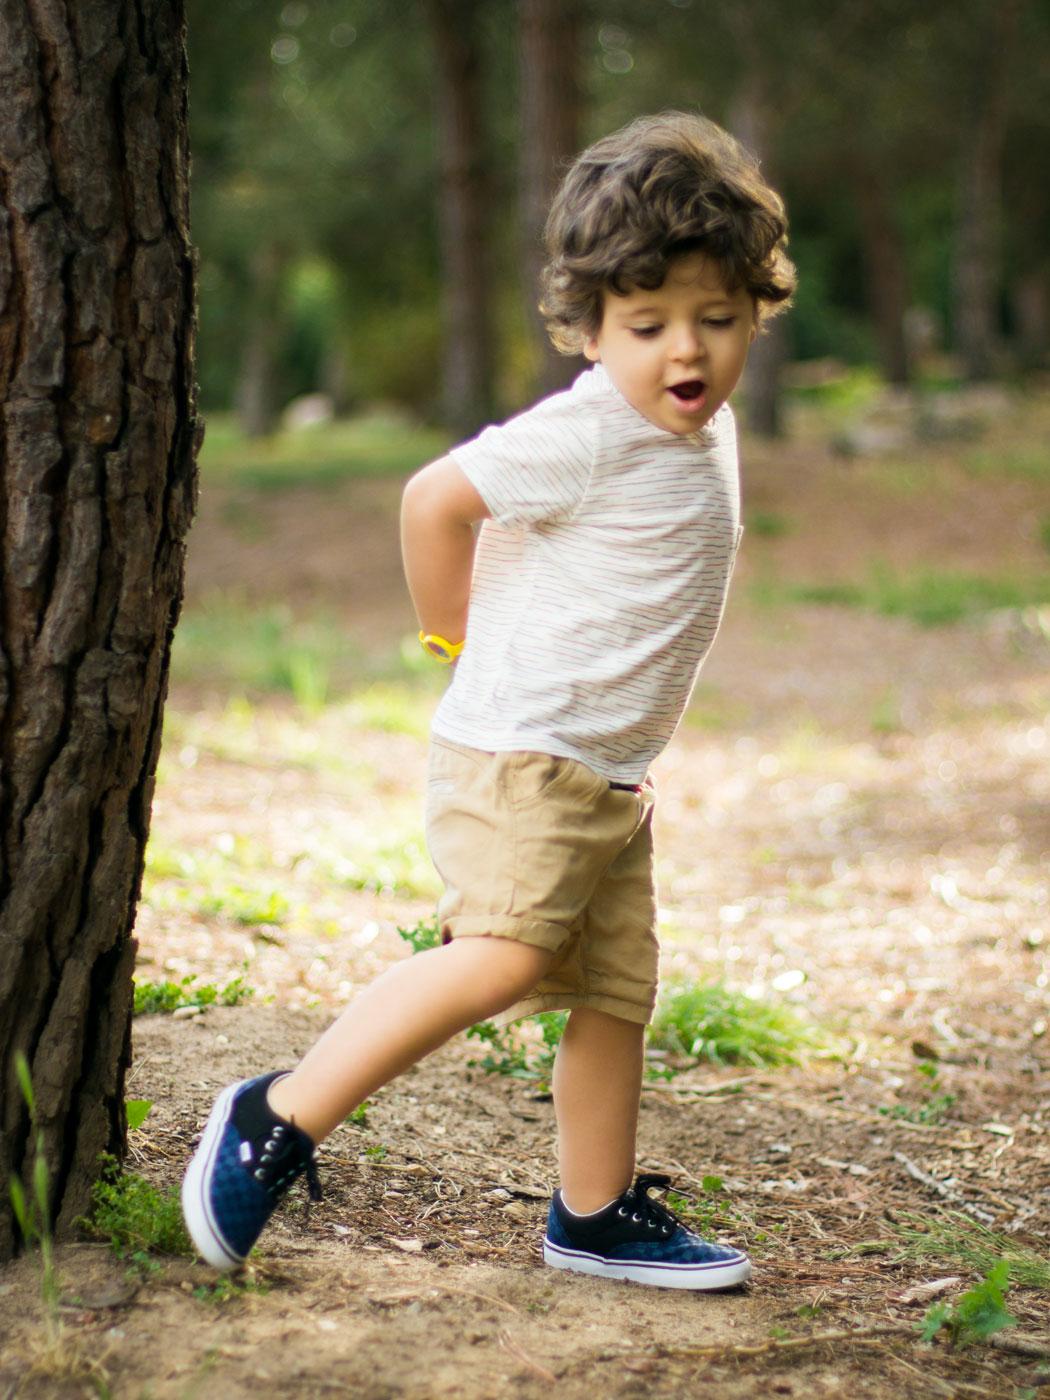 niño corriendo feliz en el campo con un arbol